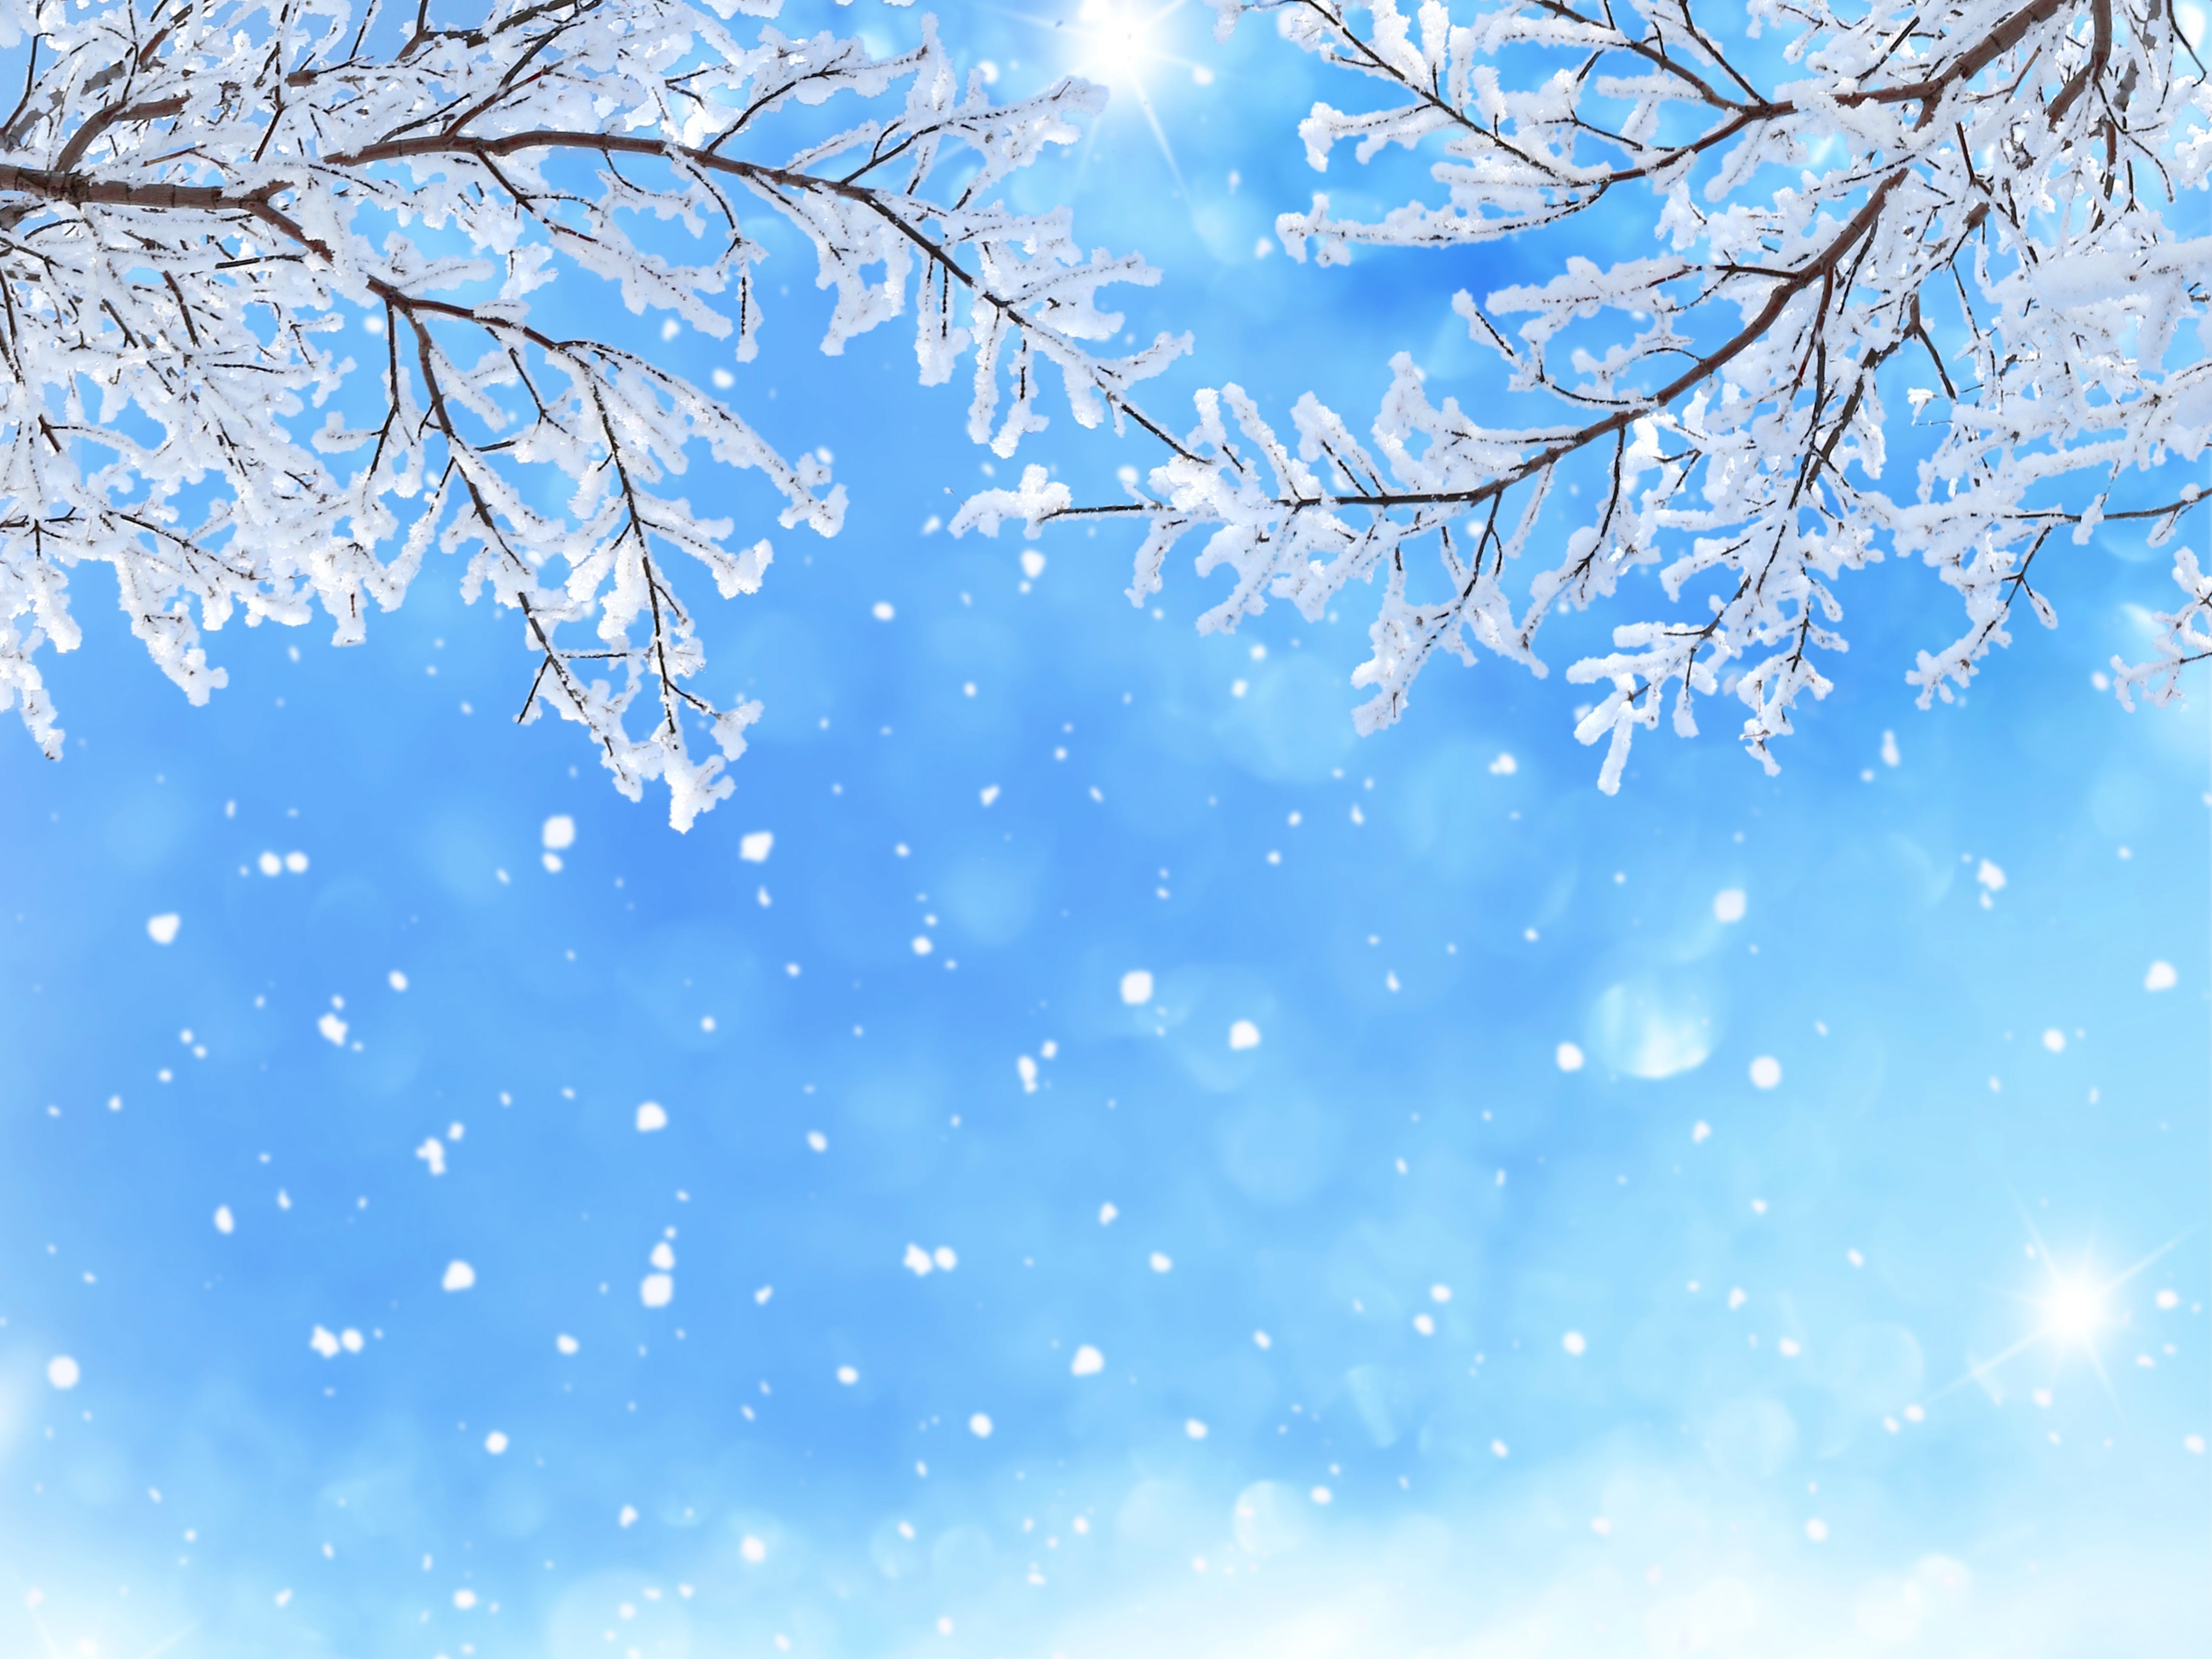 Winter Branches In The Snow 5k Retina Ultra Fondo De